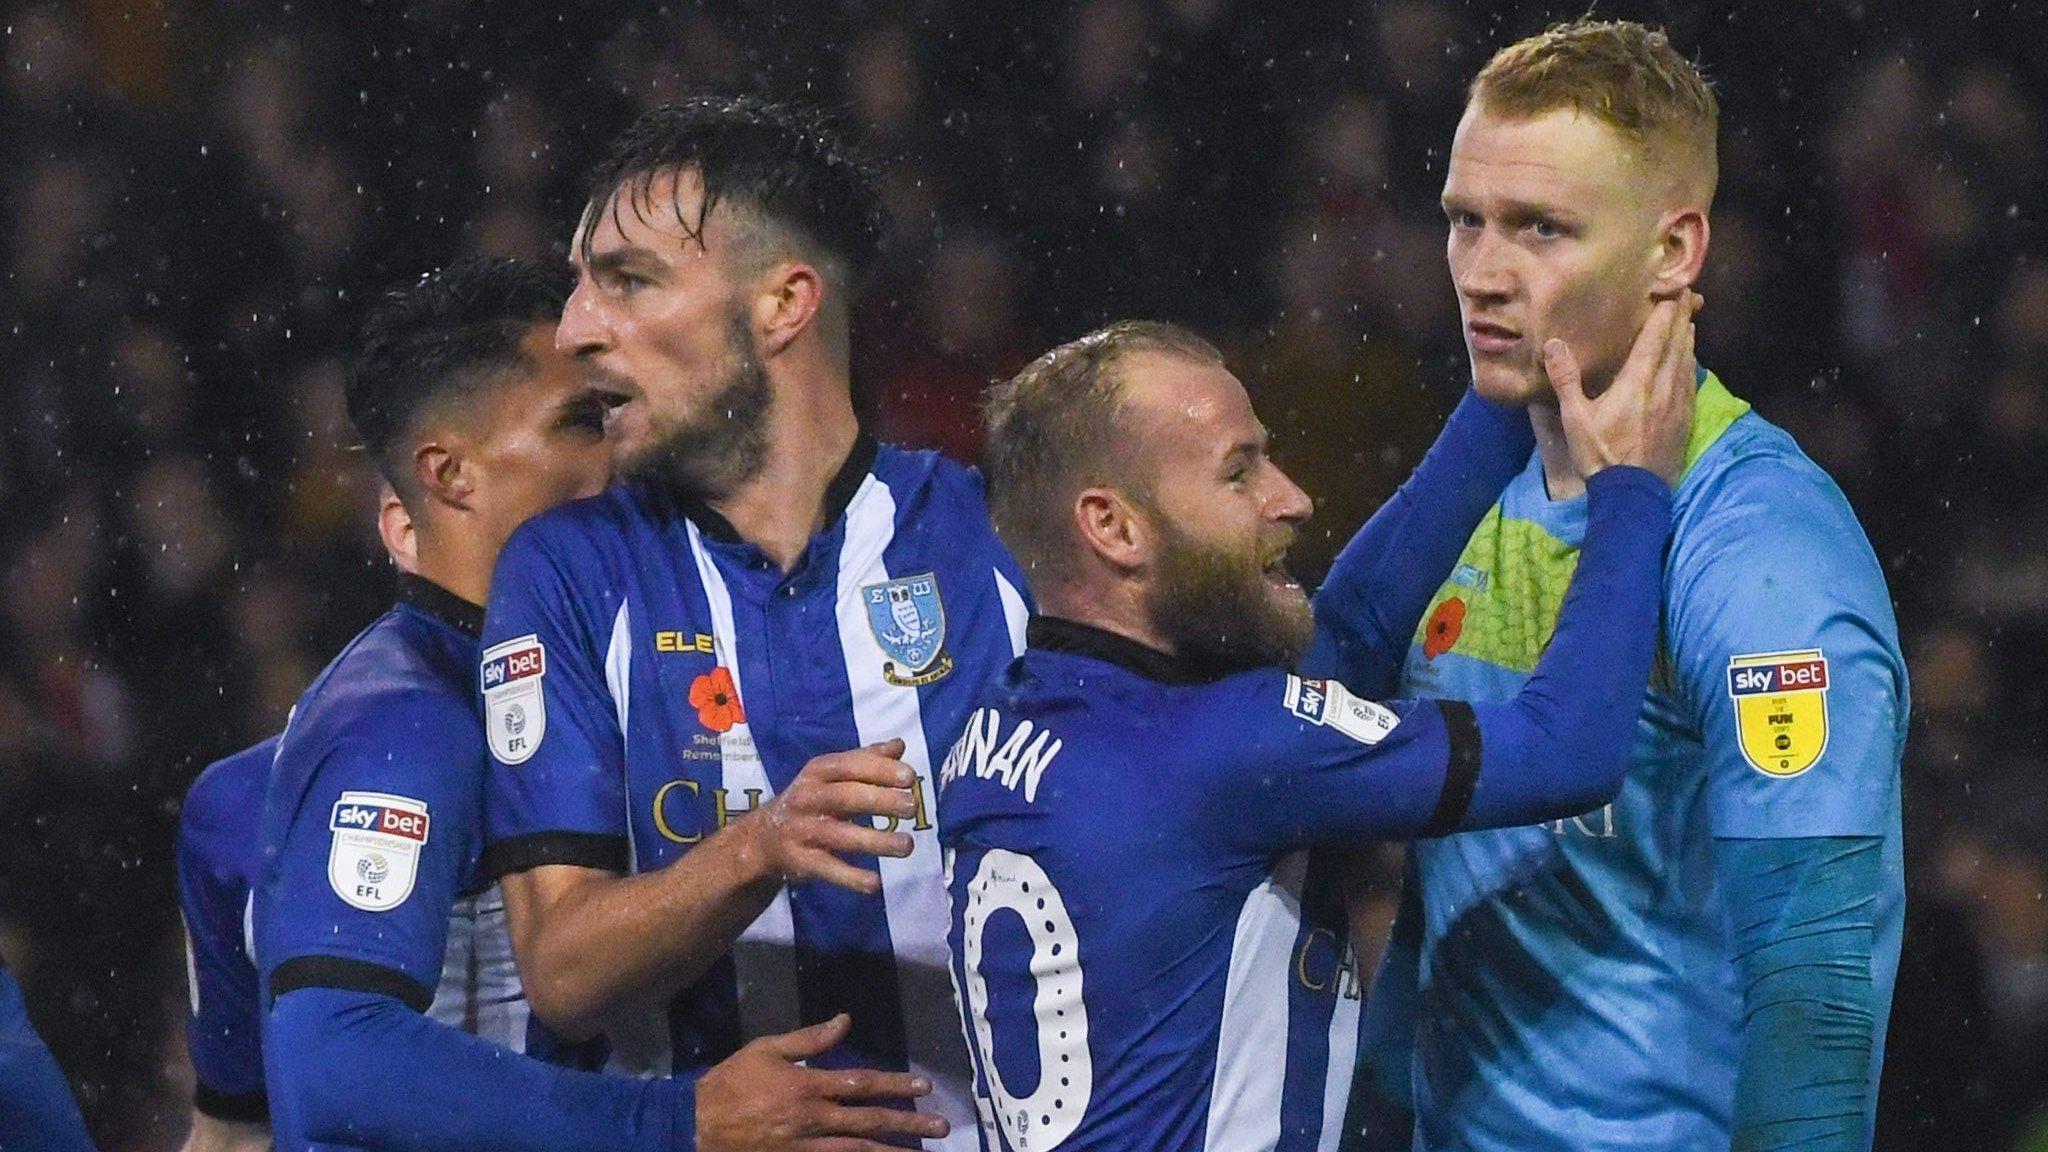 Sheffield United 0-0 Sheffield Wednesday: Cameron Dawson penalty save earns Owls draw